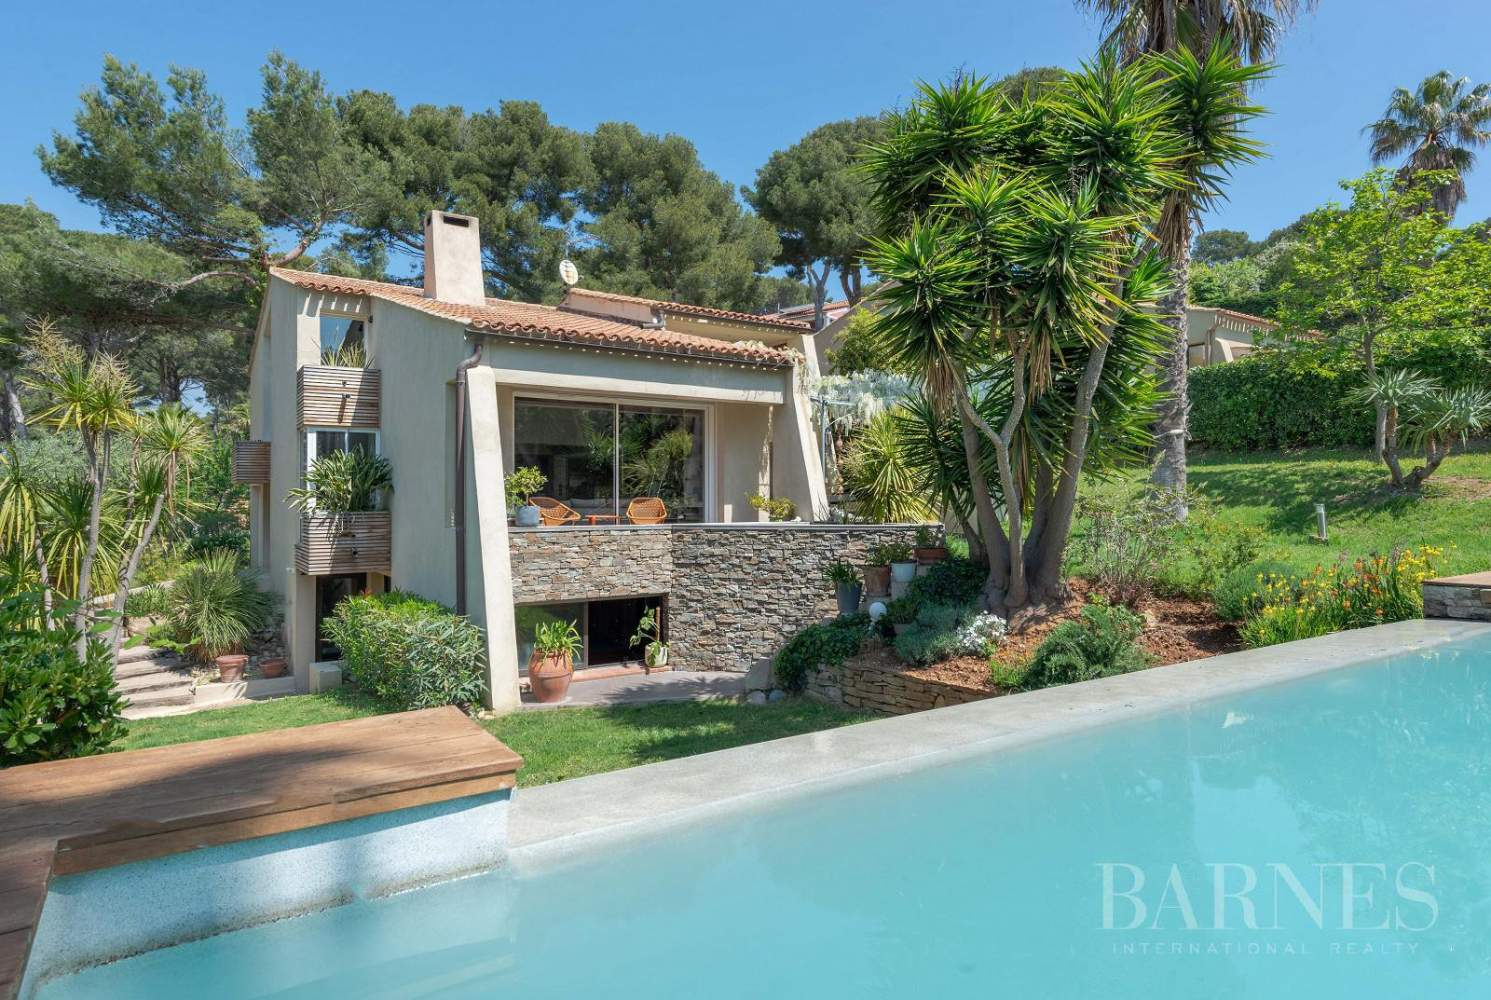 Vente - Sanary - La Cride - Villa d'architecte - Piscine - Proche plage et port picture 10